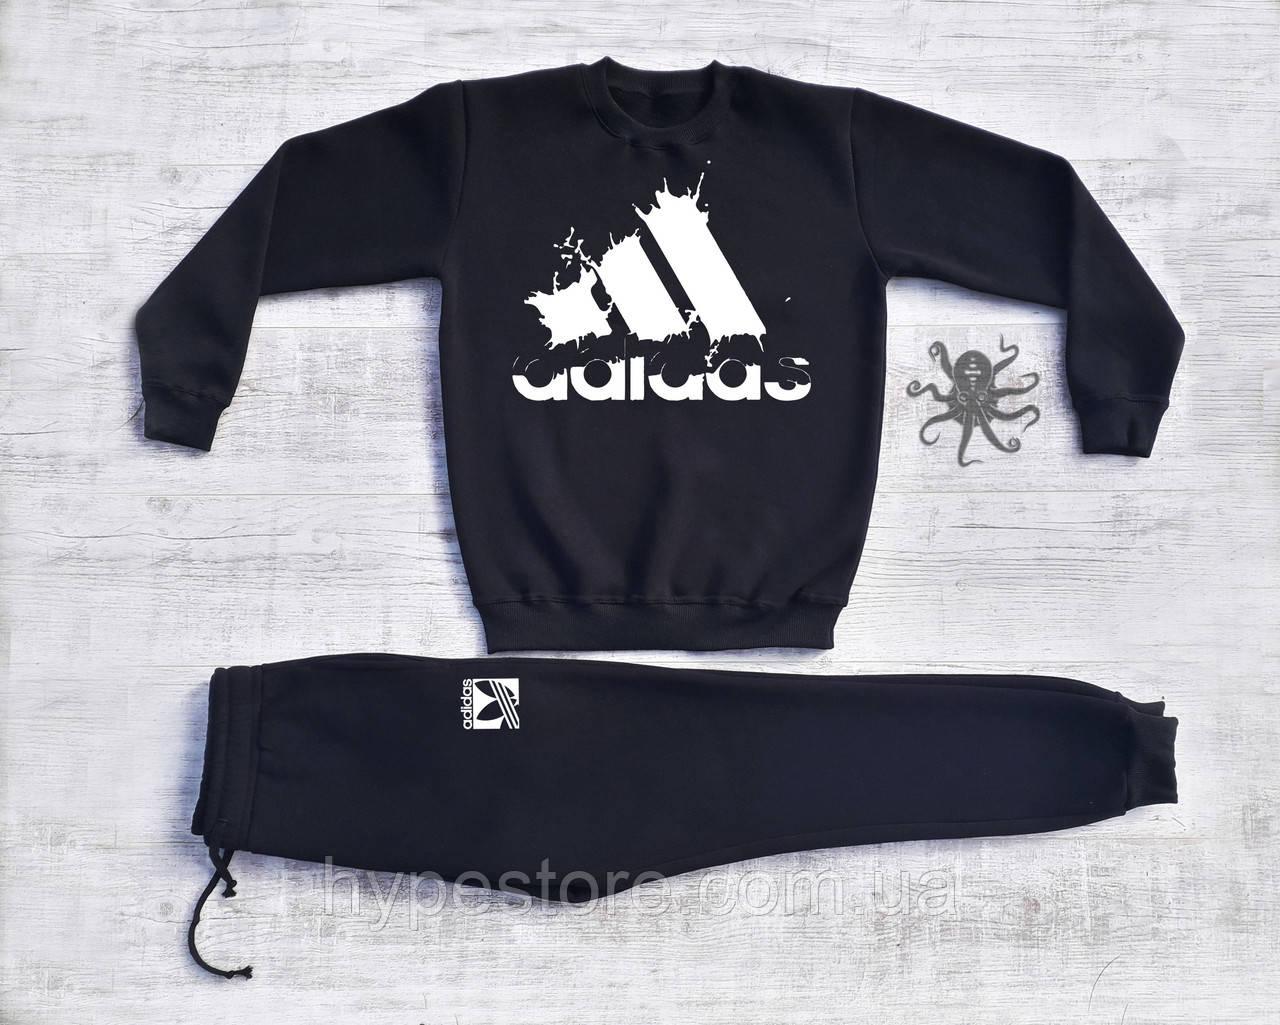 Мужской спортивный костюм на флисе Adidas, Реплика